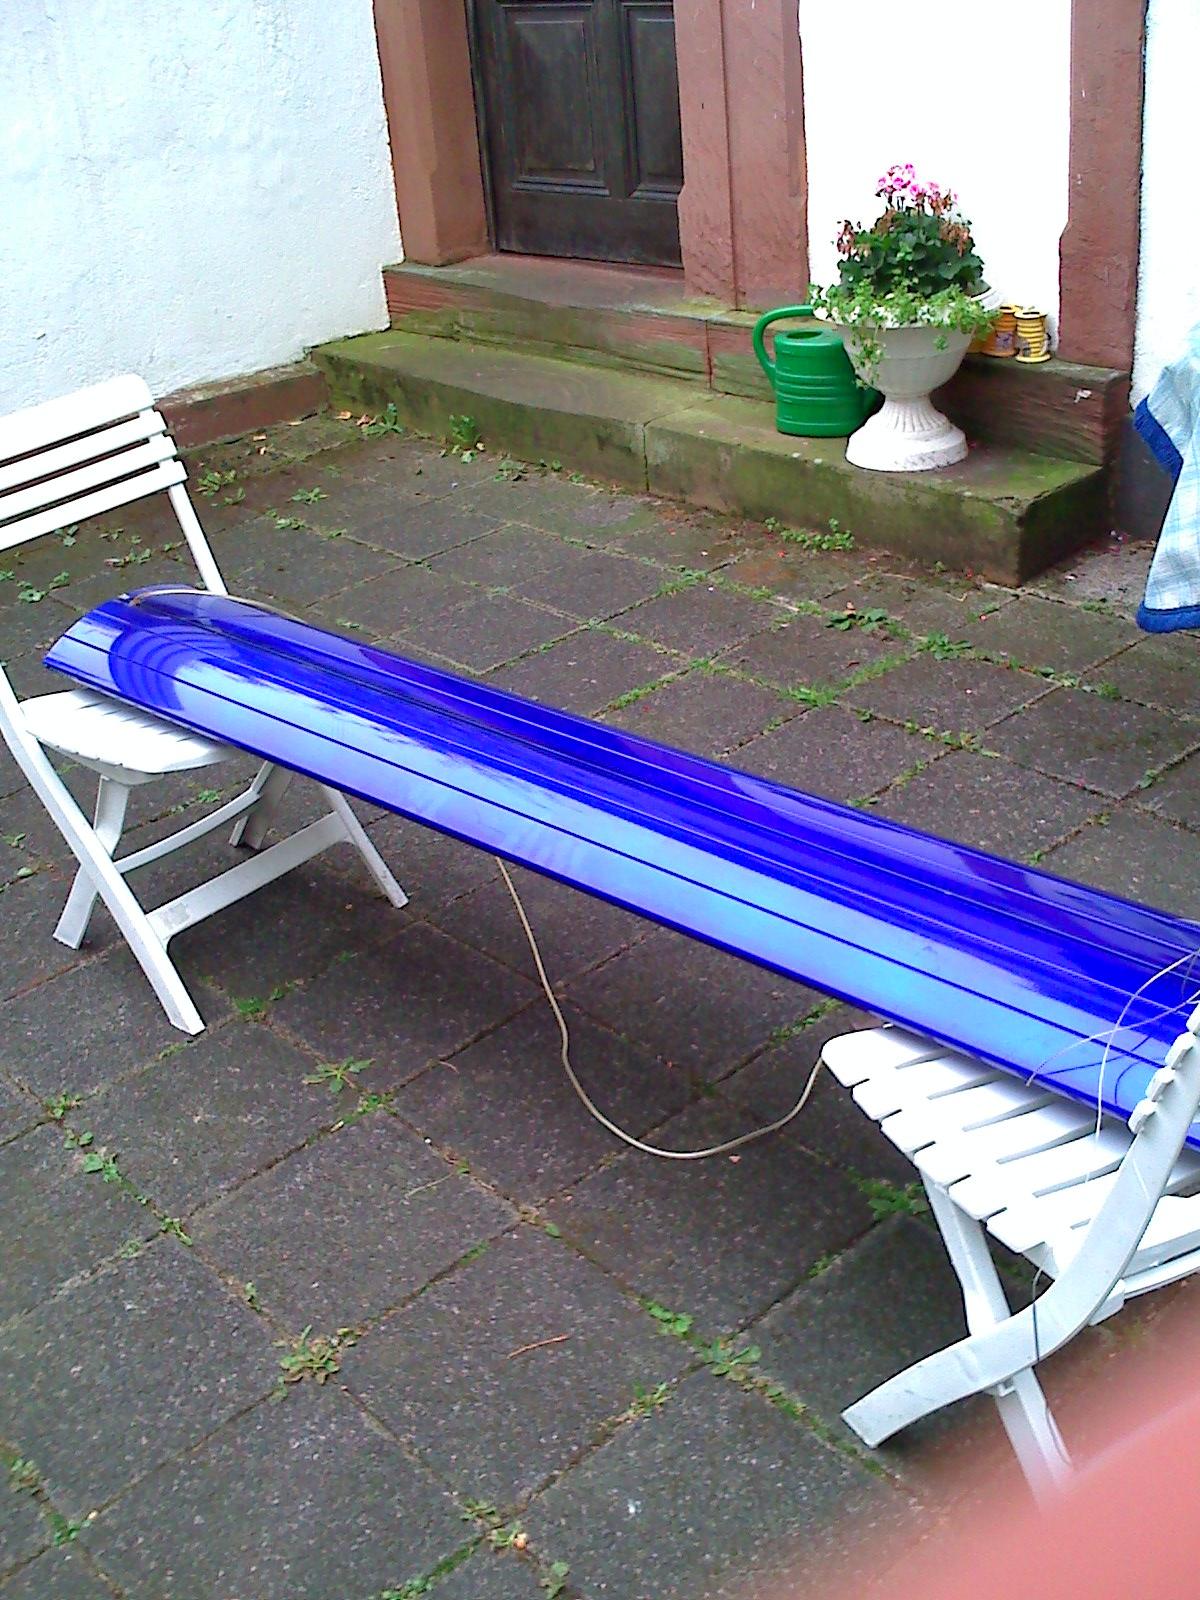 giesemann aquarium beleuchtung in blau 80cm mal 150 hqi in frankfurt tiere kleinanzeigen. Black Bedroom Furniture Sets. Home Design Ideas